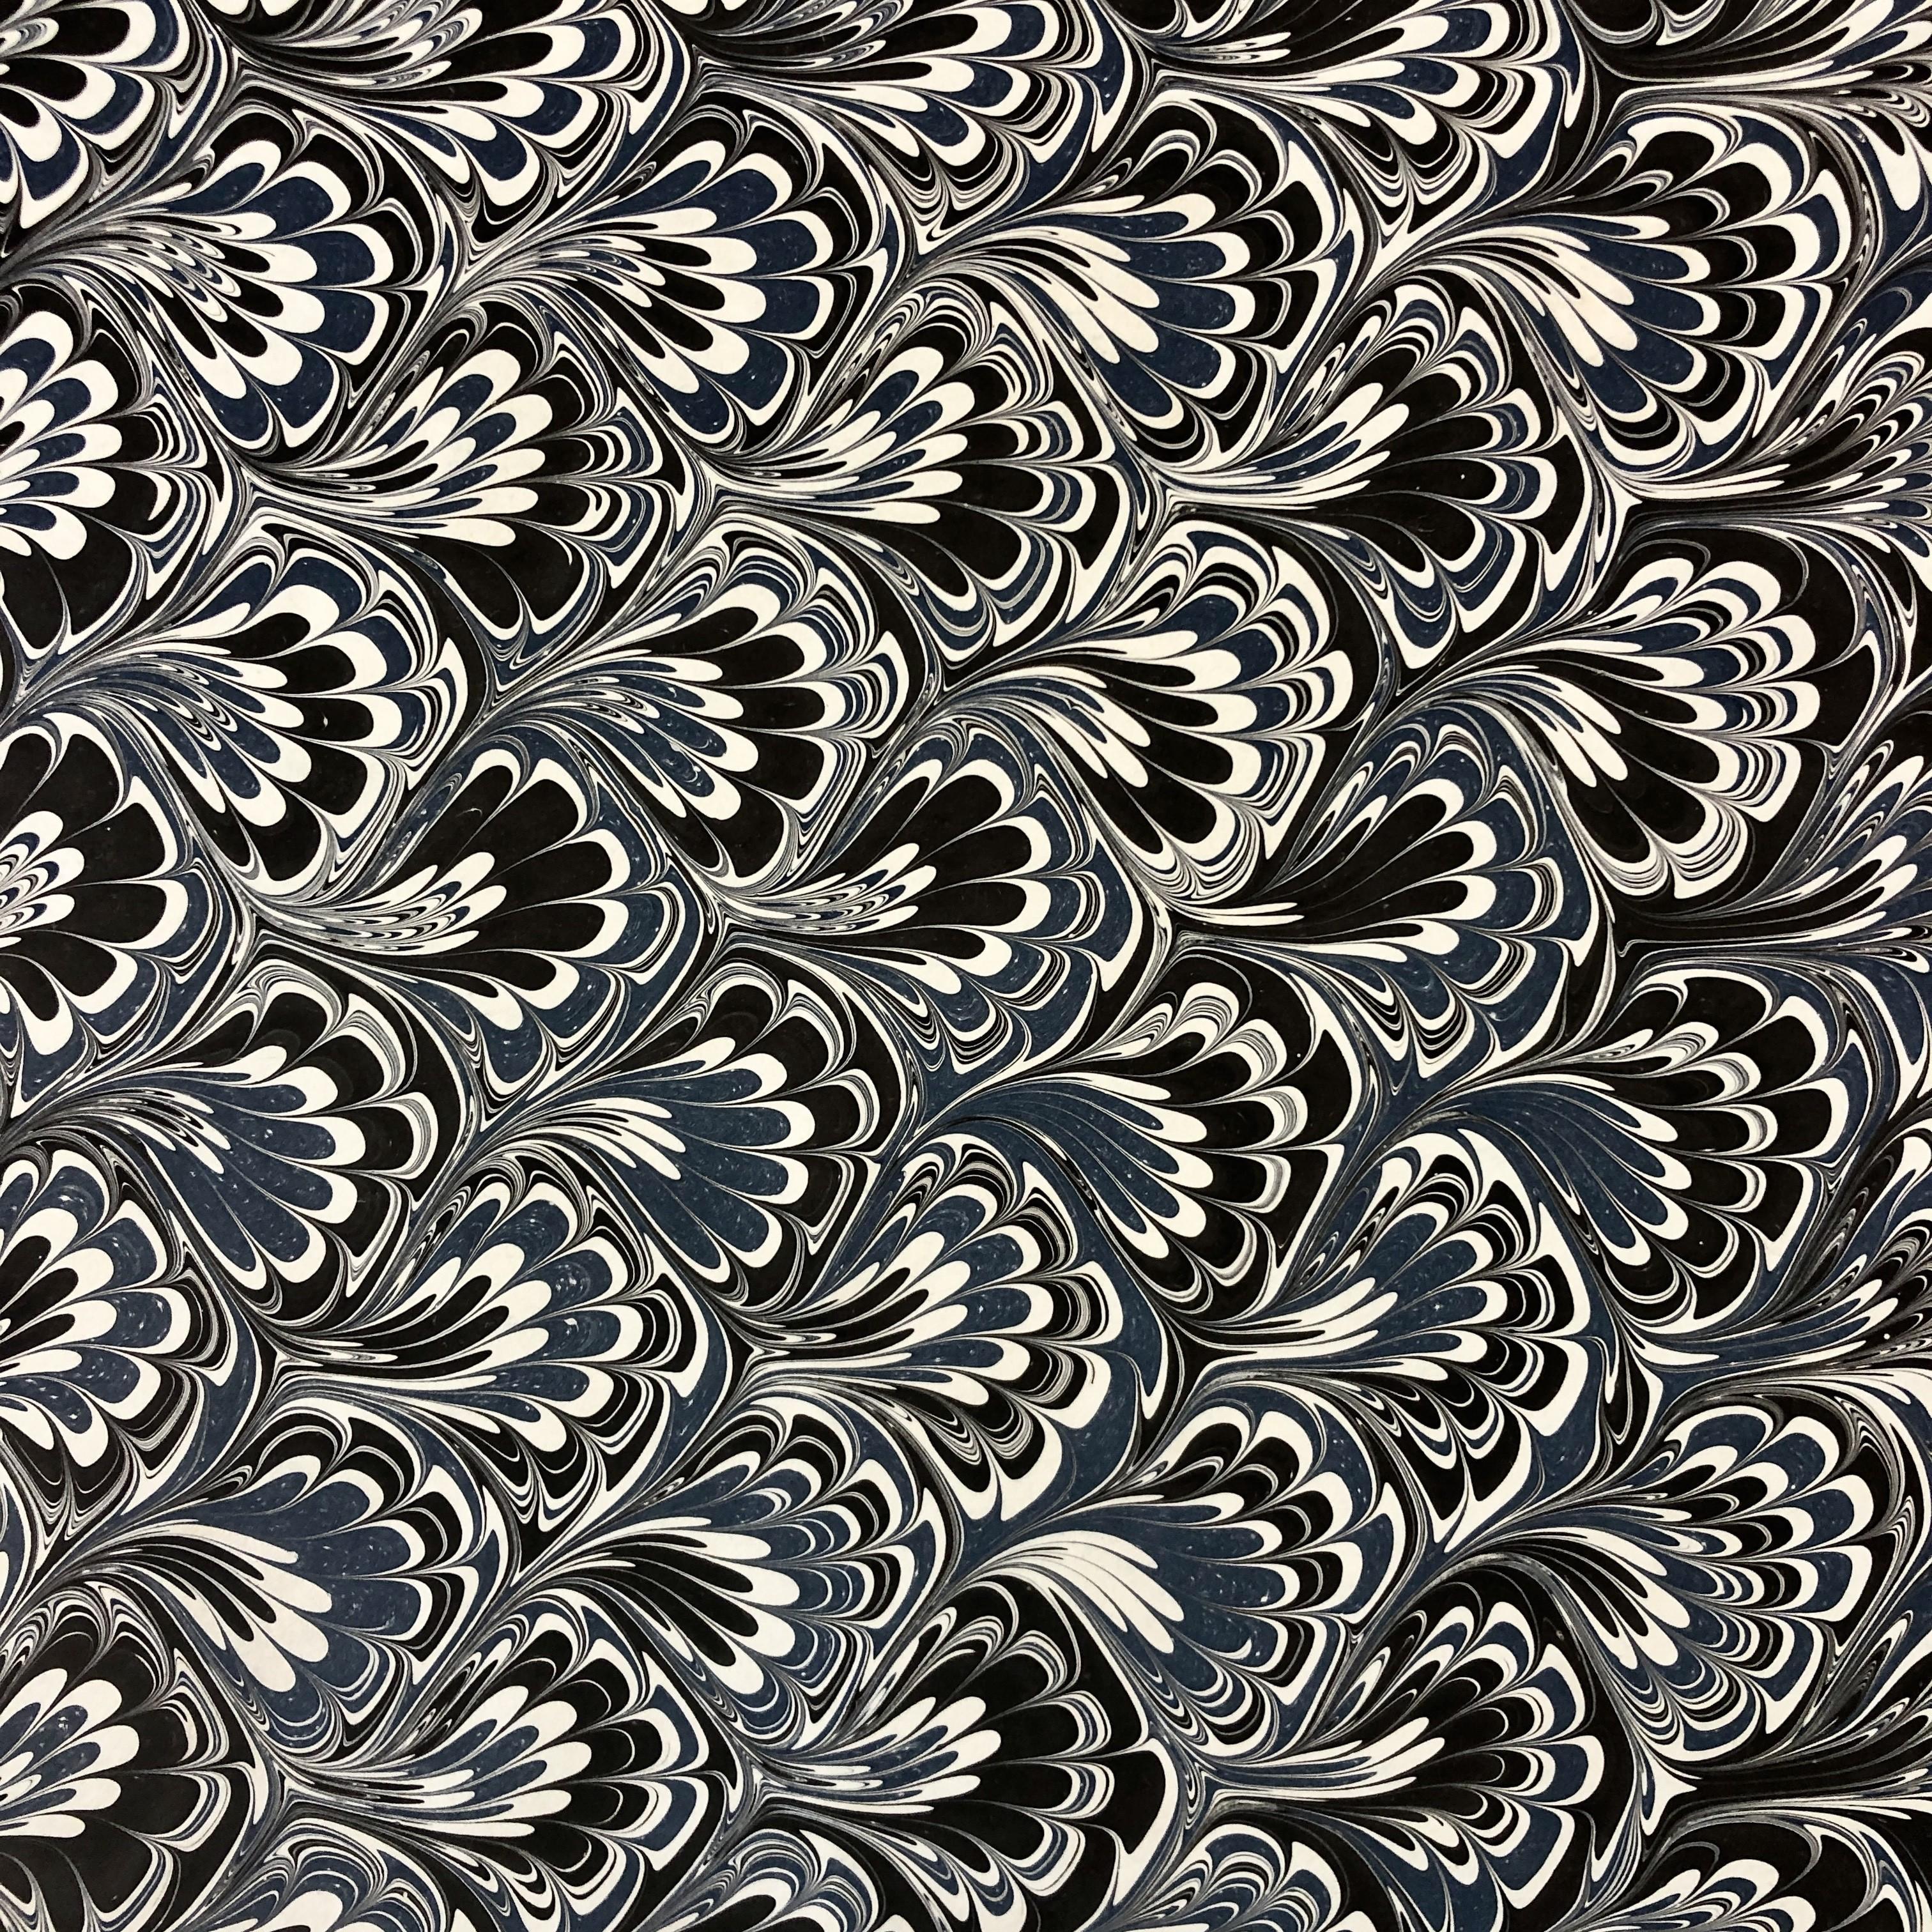 Sydney Cockerell, papier marbré à motif queue de paon, vers 1970 © Musée du Papier, Angoulême